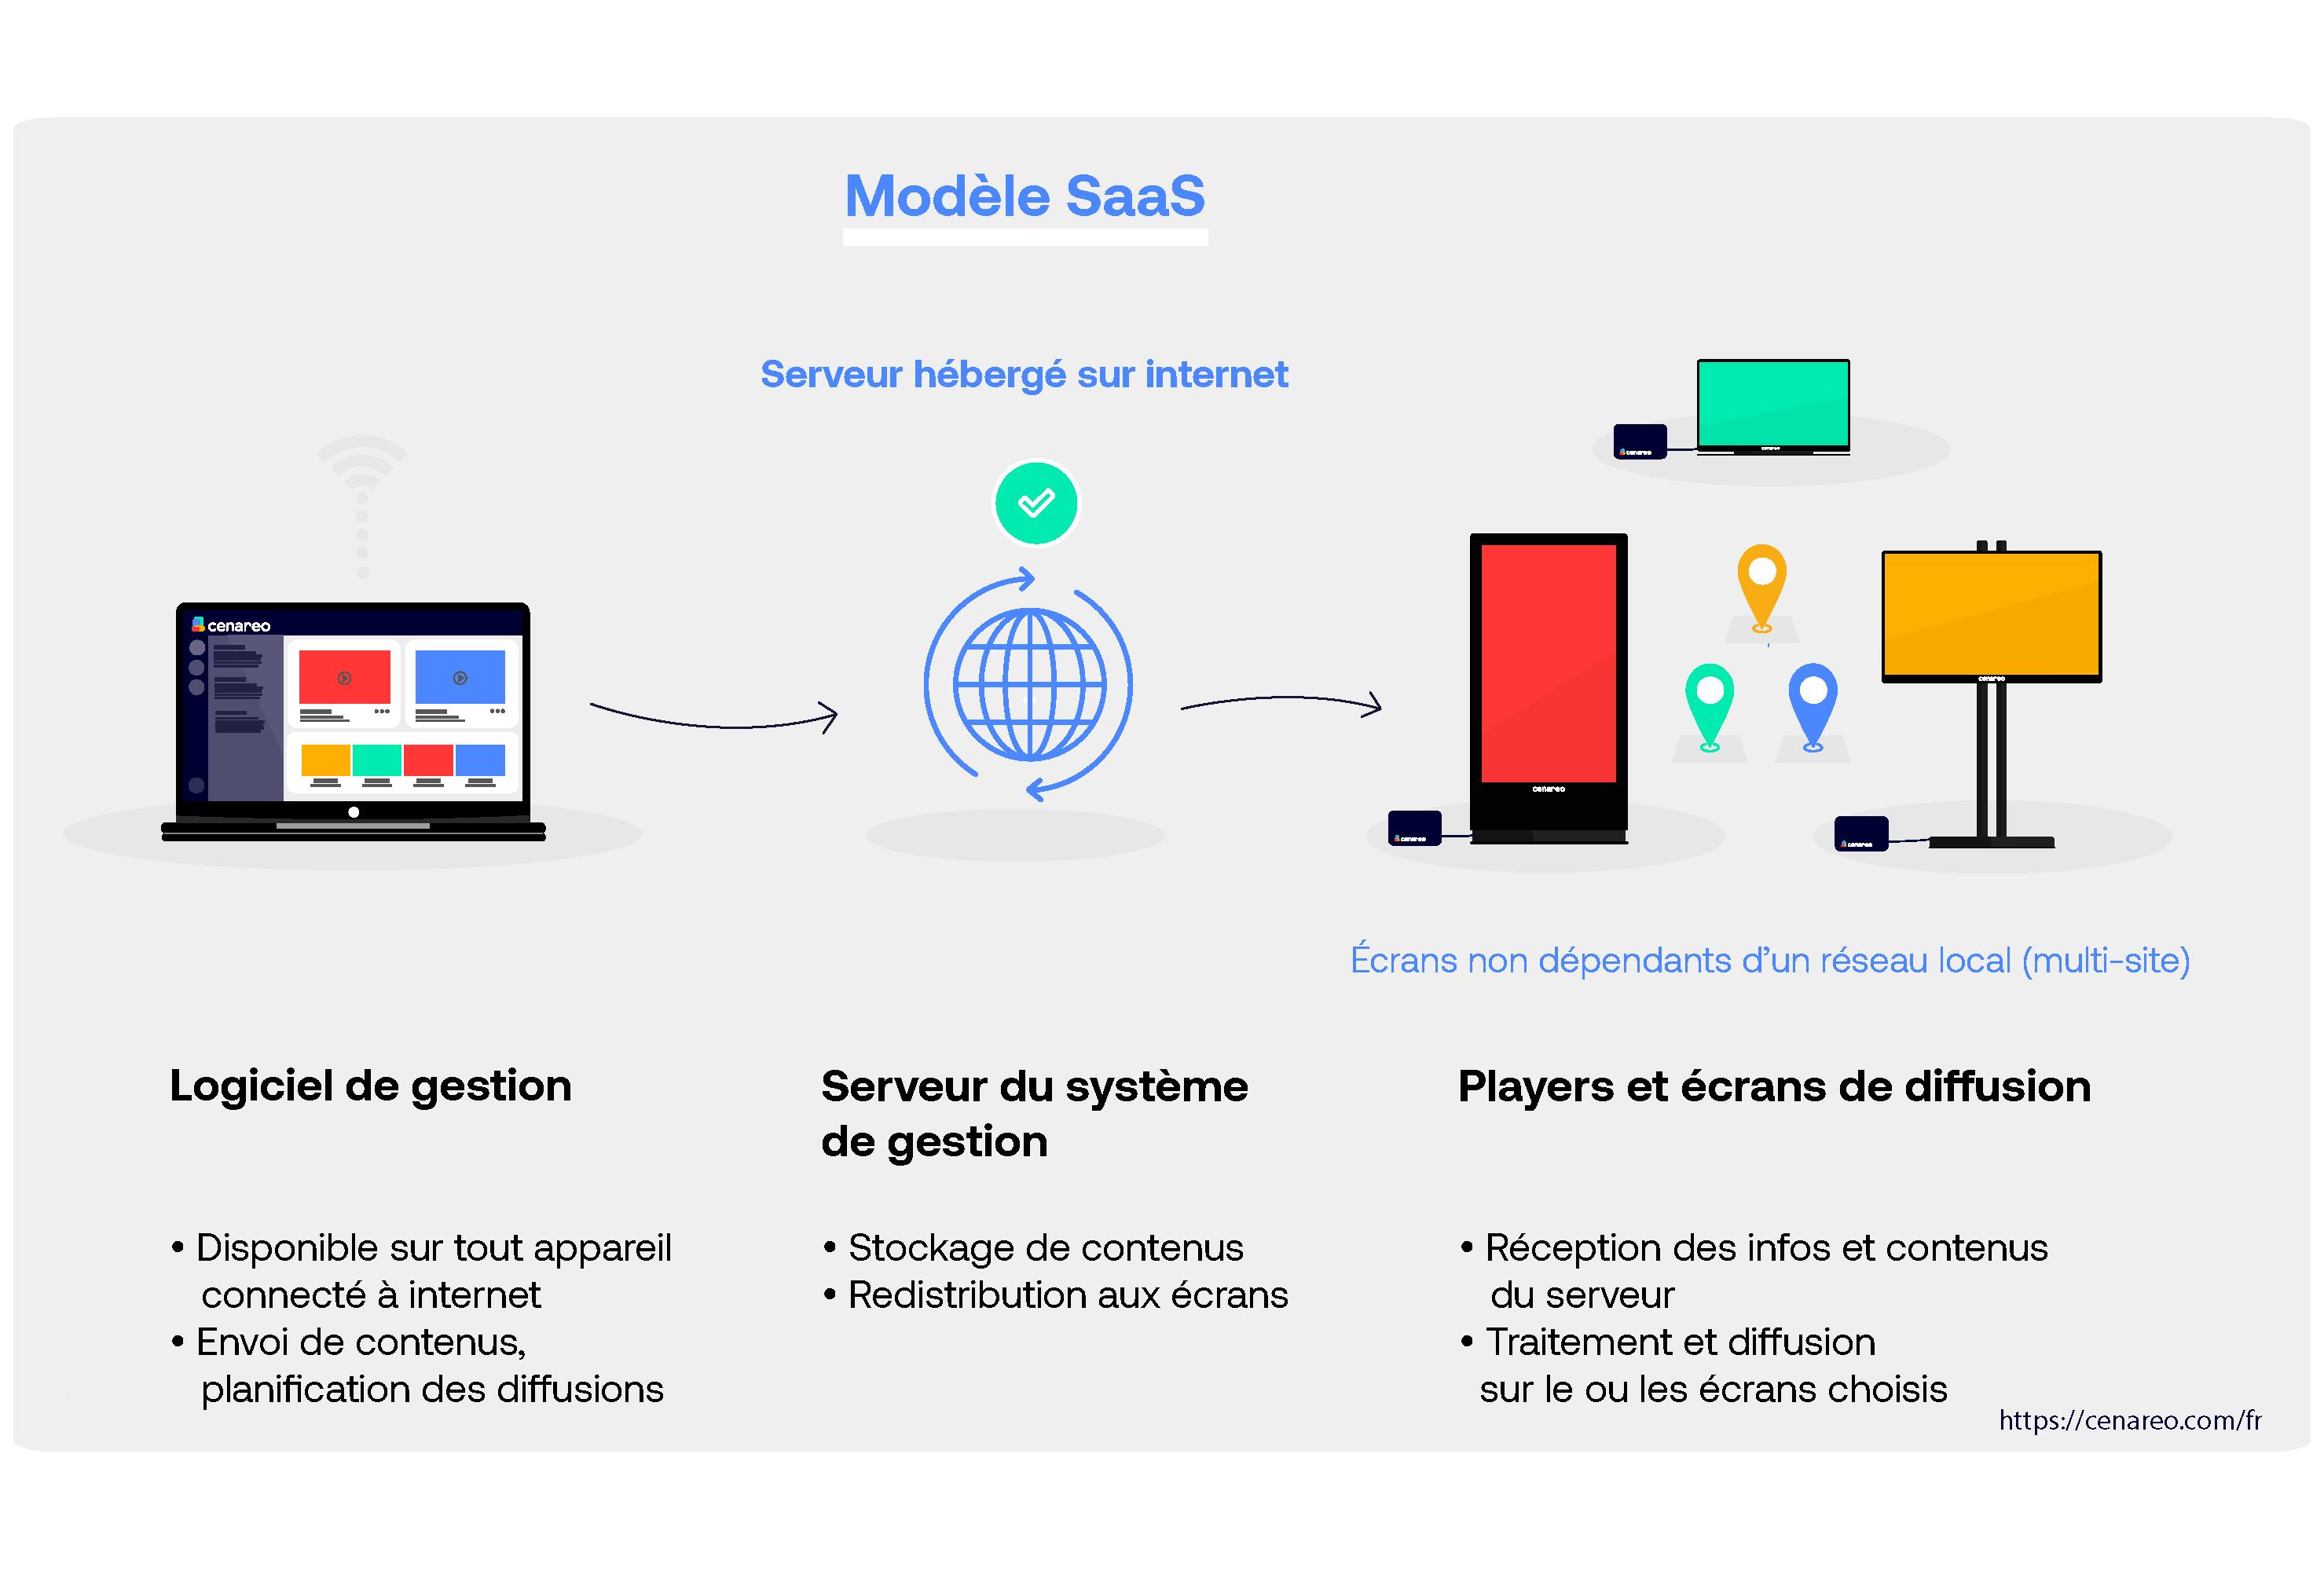 Modele_On_SaaS_fr